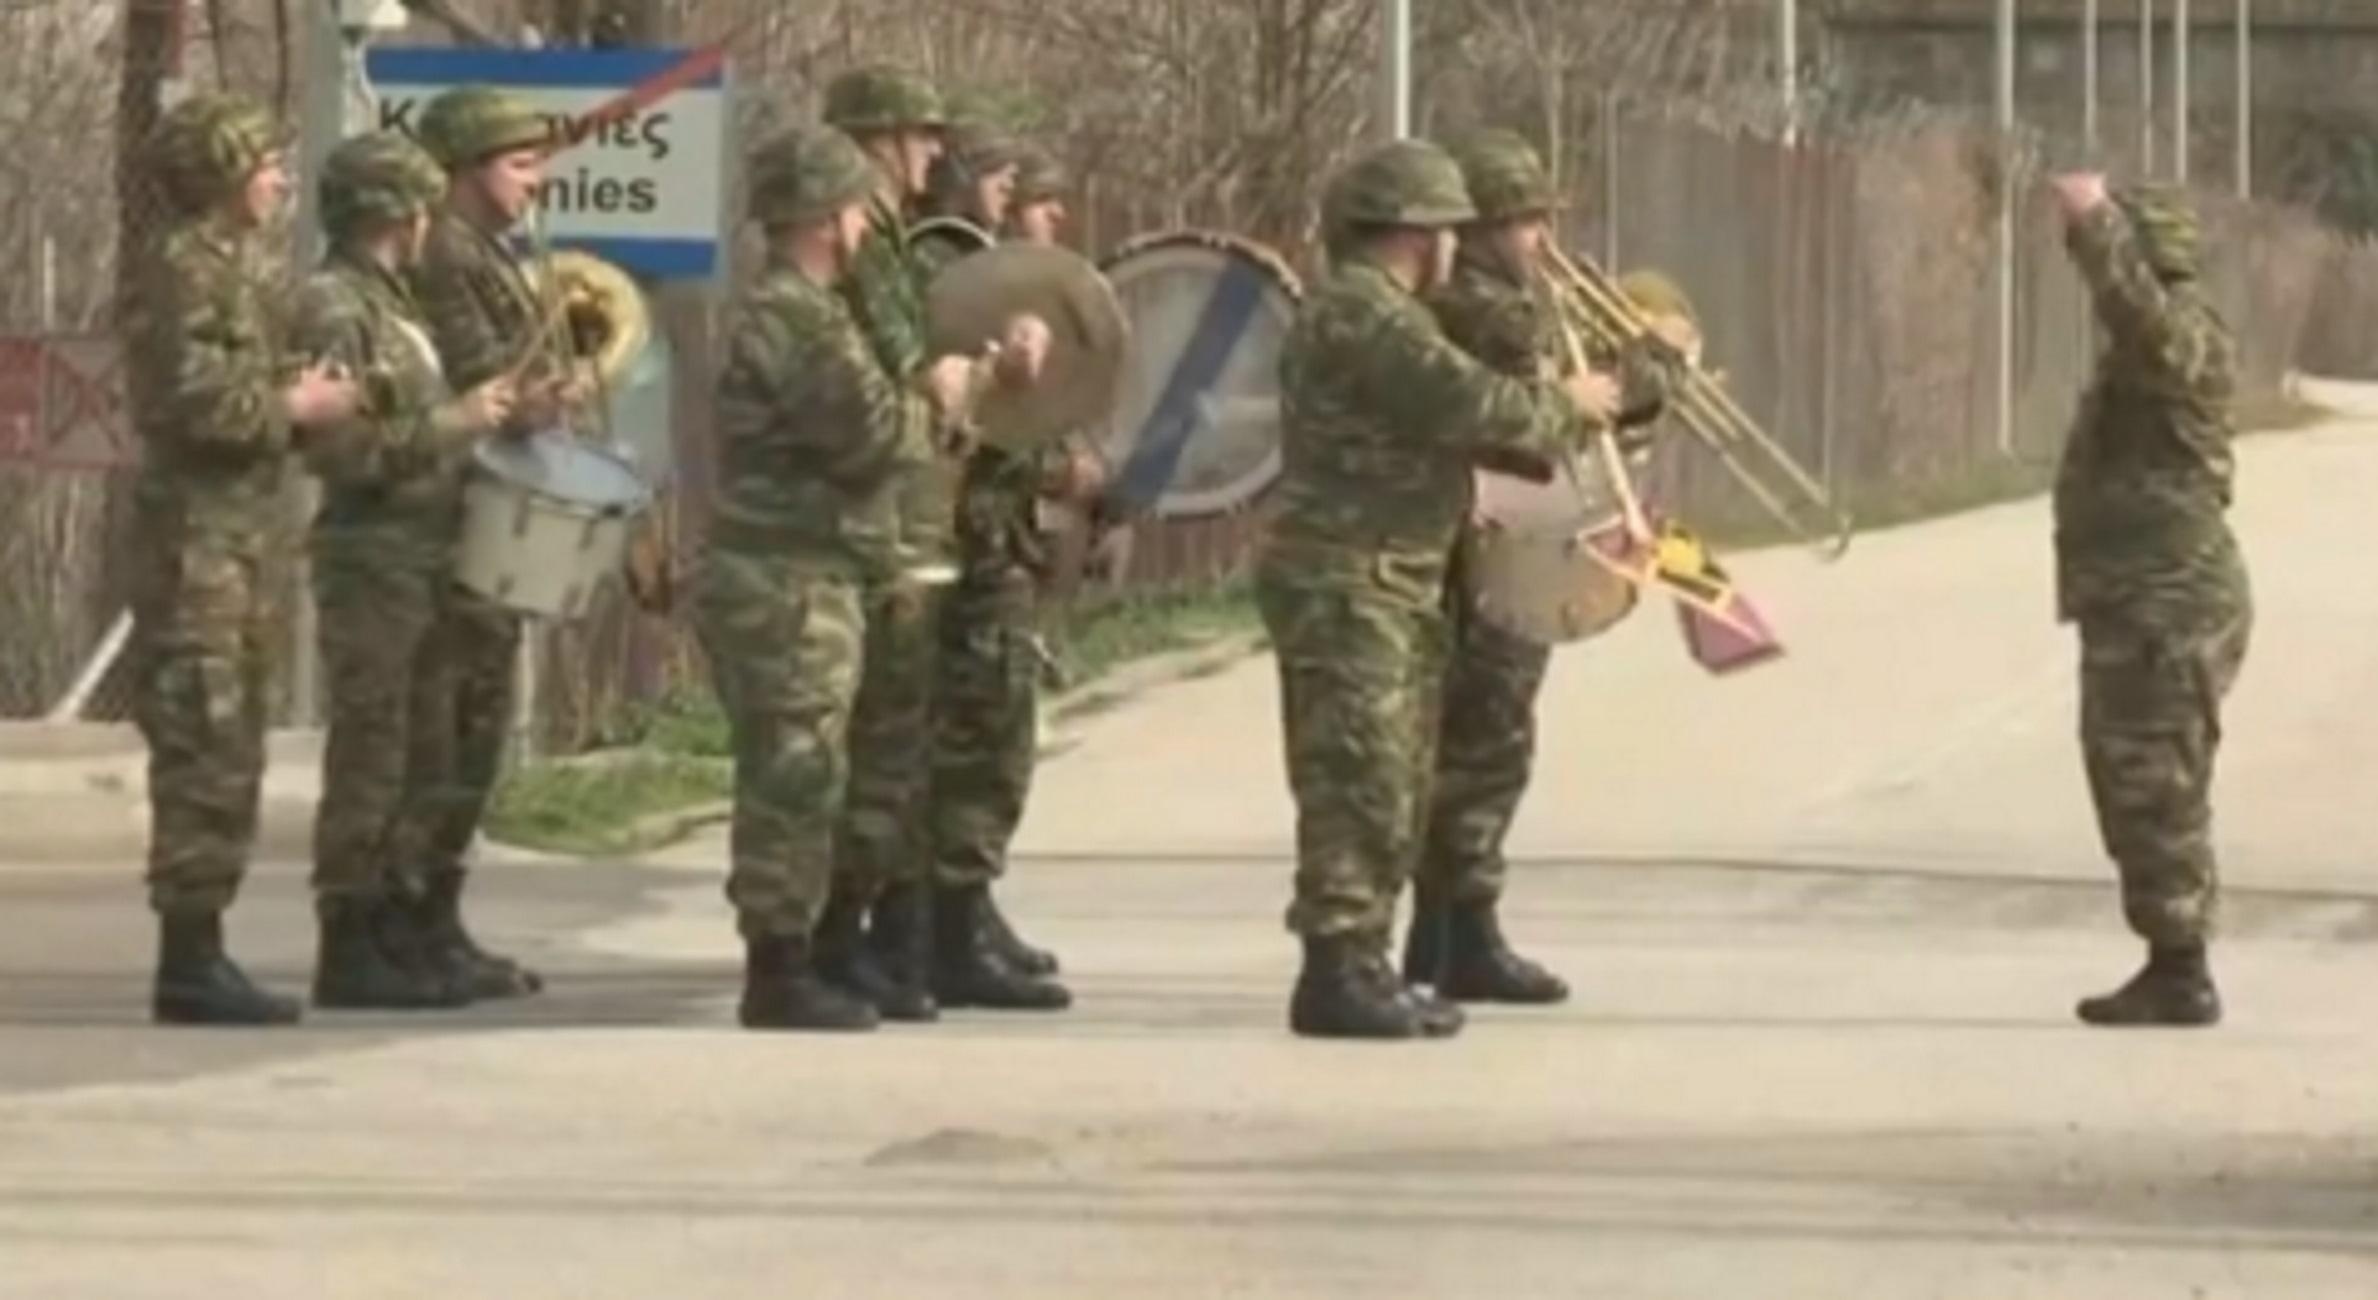 Έβρος: Η στιγμή που η μπάντα του στρατού εμψυχώνει τις ελληνικές δυνάμεις στις Καστανιές (Βίντεο)